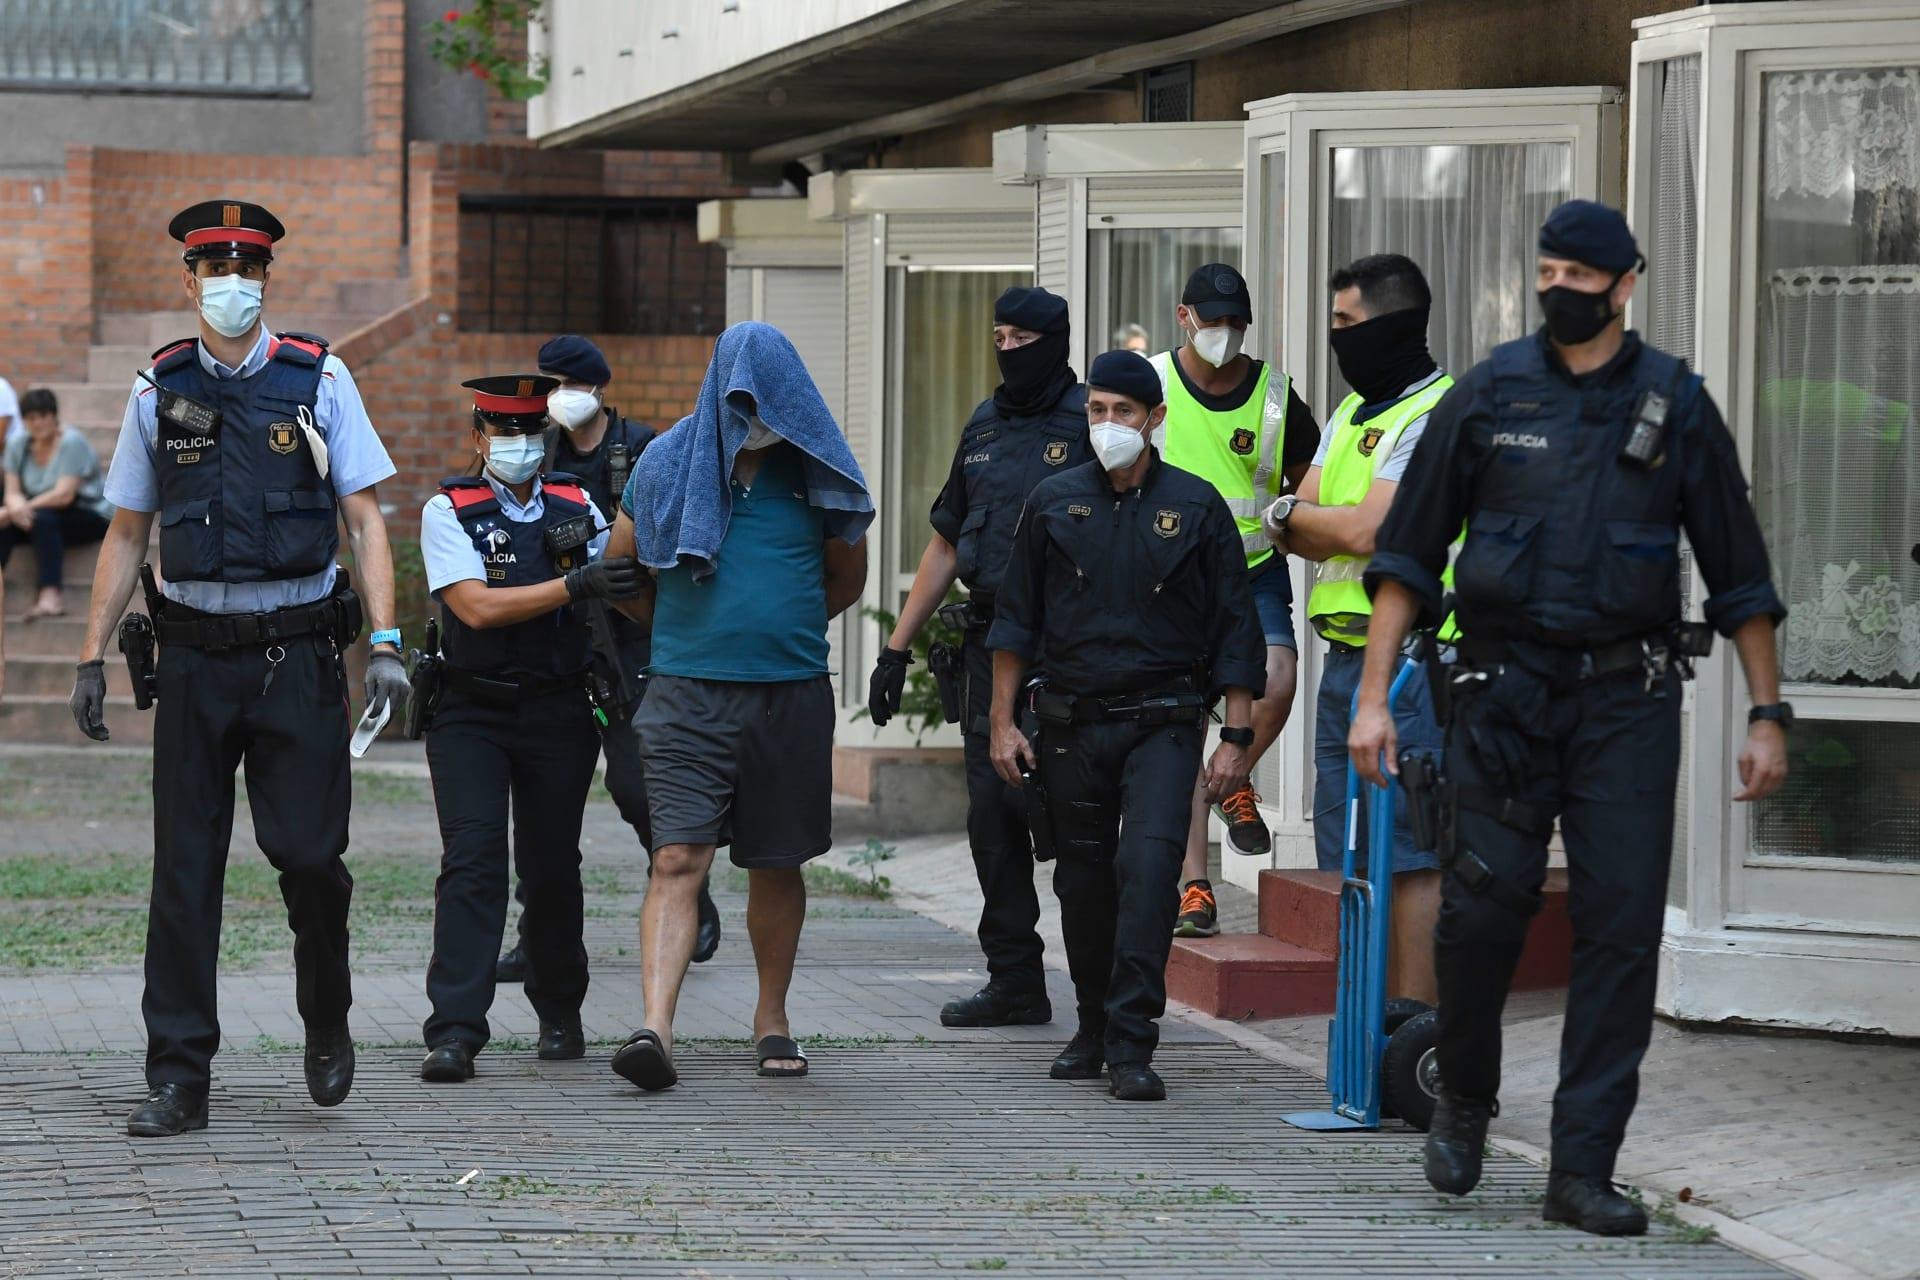 شرطة إقليم كتالونيا تلقي القبض على جزائريين متهمين بالتخطيط لأعمال إرهابية في برشلونة